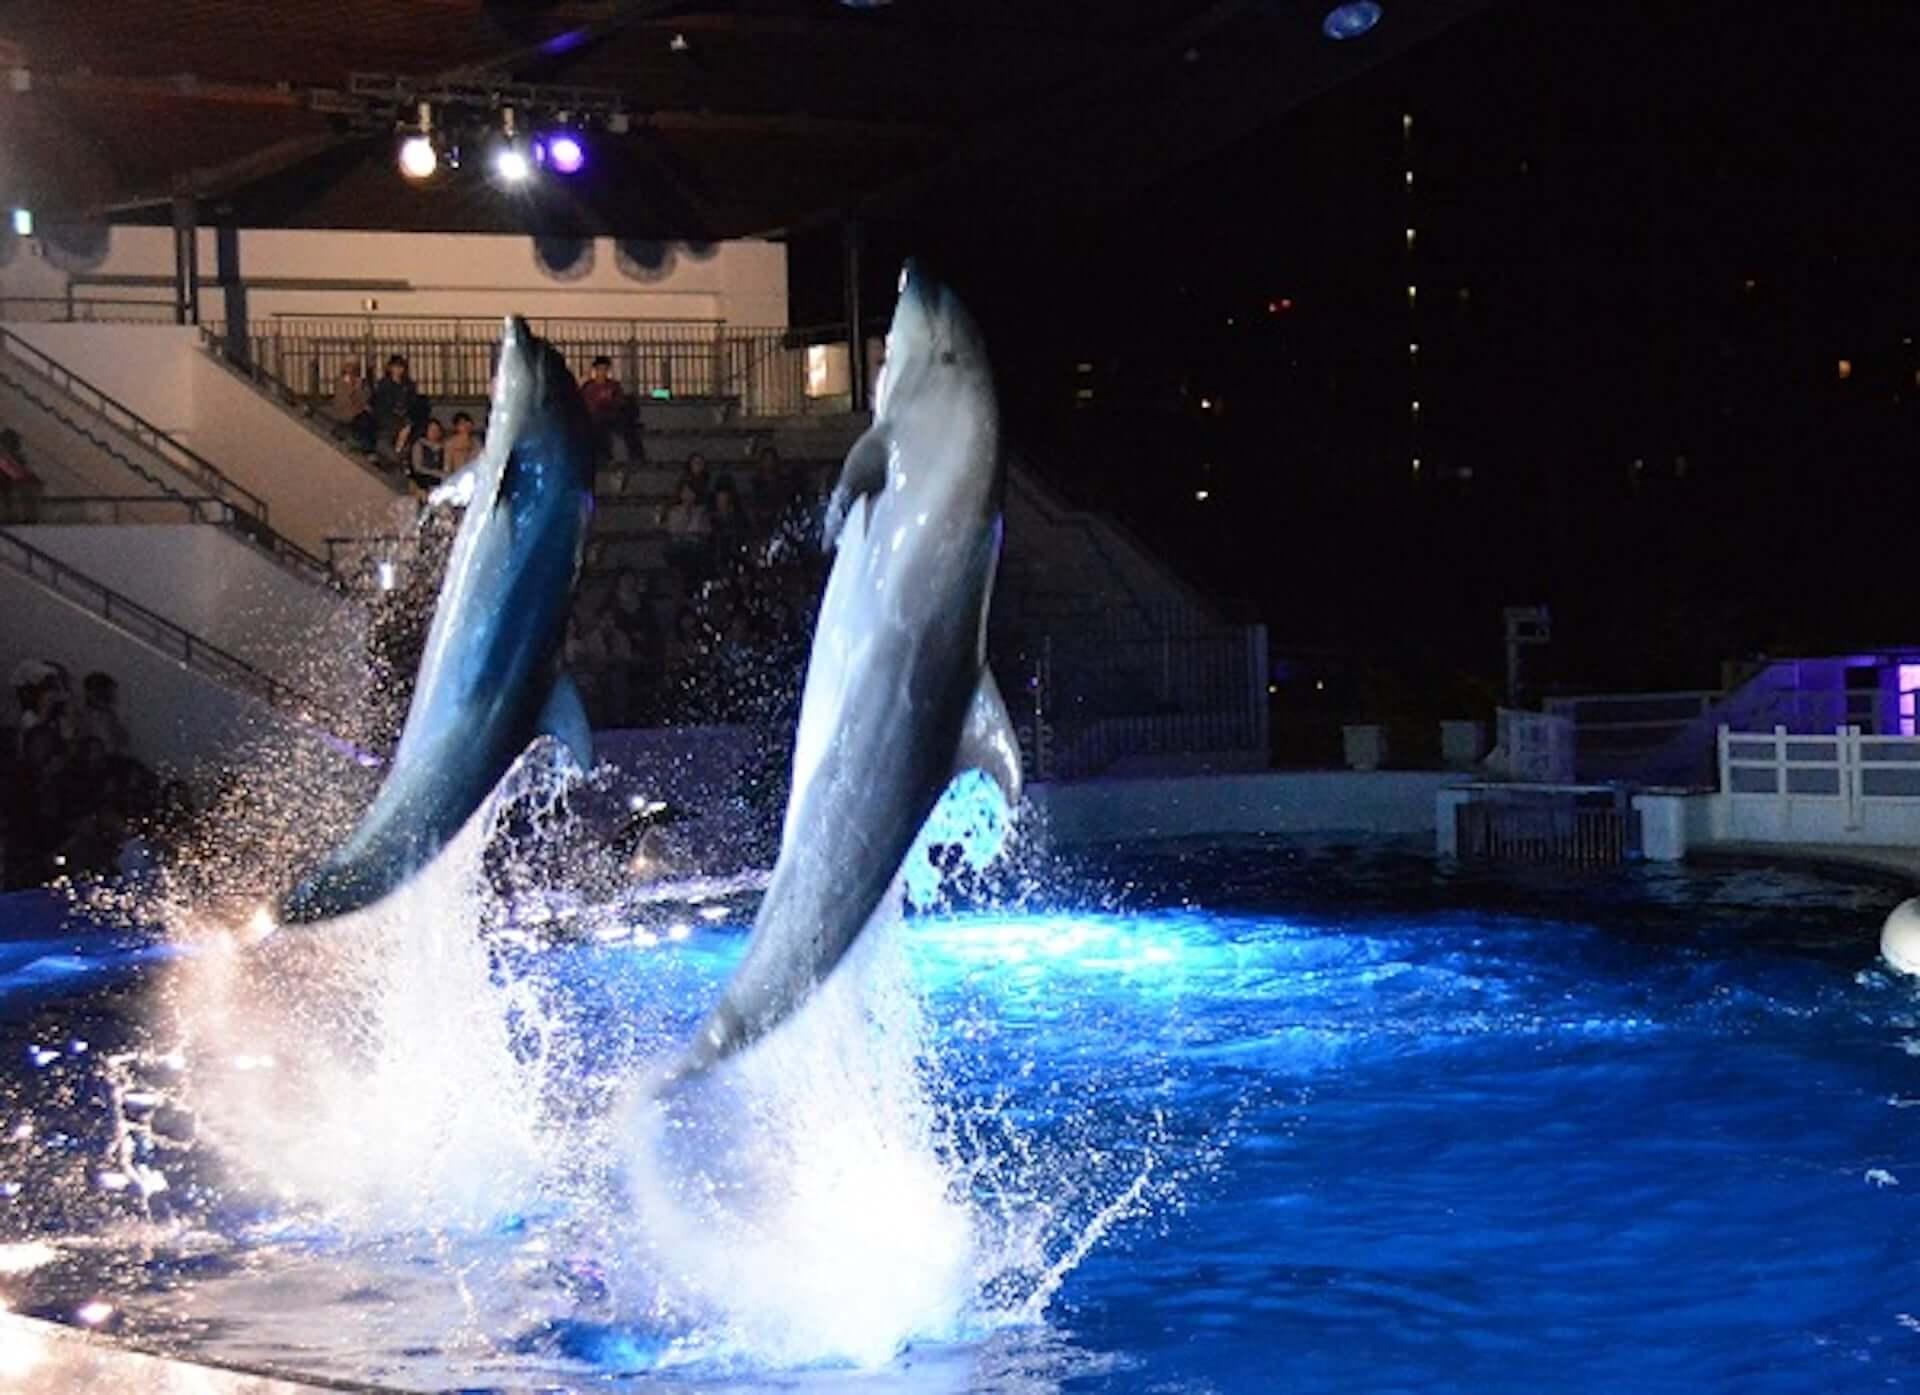 夏休みは京都水族館へ!夜限定イベント<夜のすいぞくかん>が今年も開催決定|イルカの新パフォーマンスも art200713_kyoto-aquarium_2-1920x1395